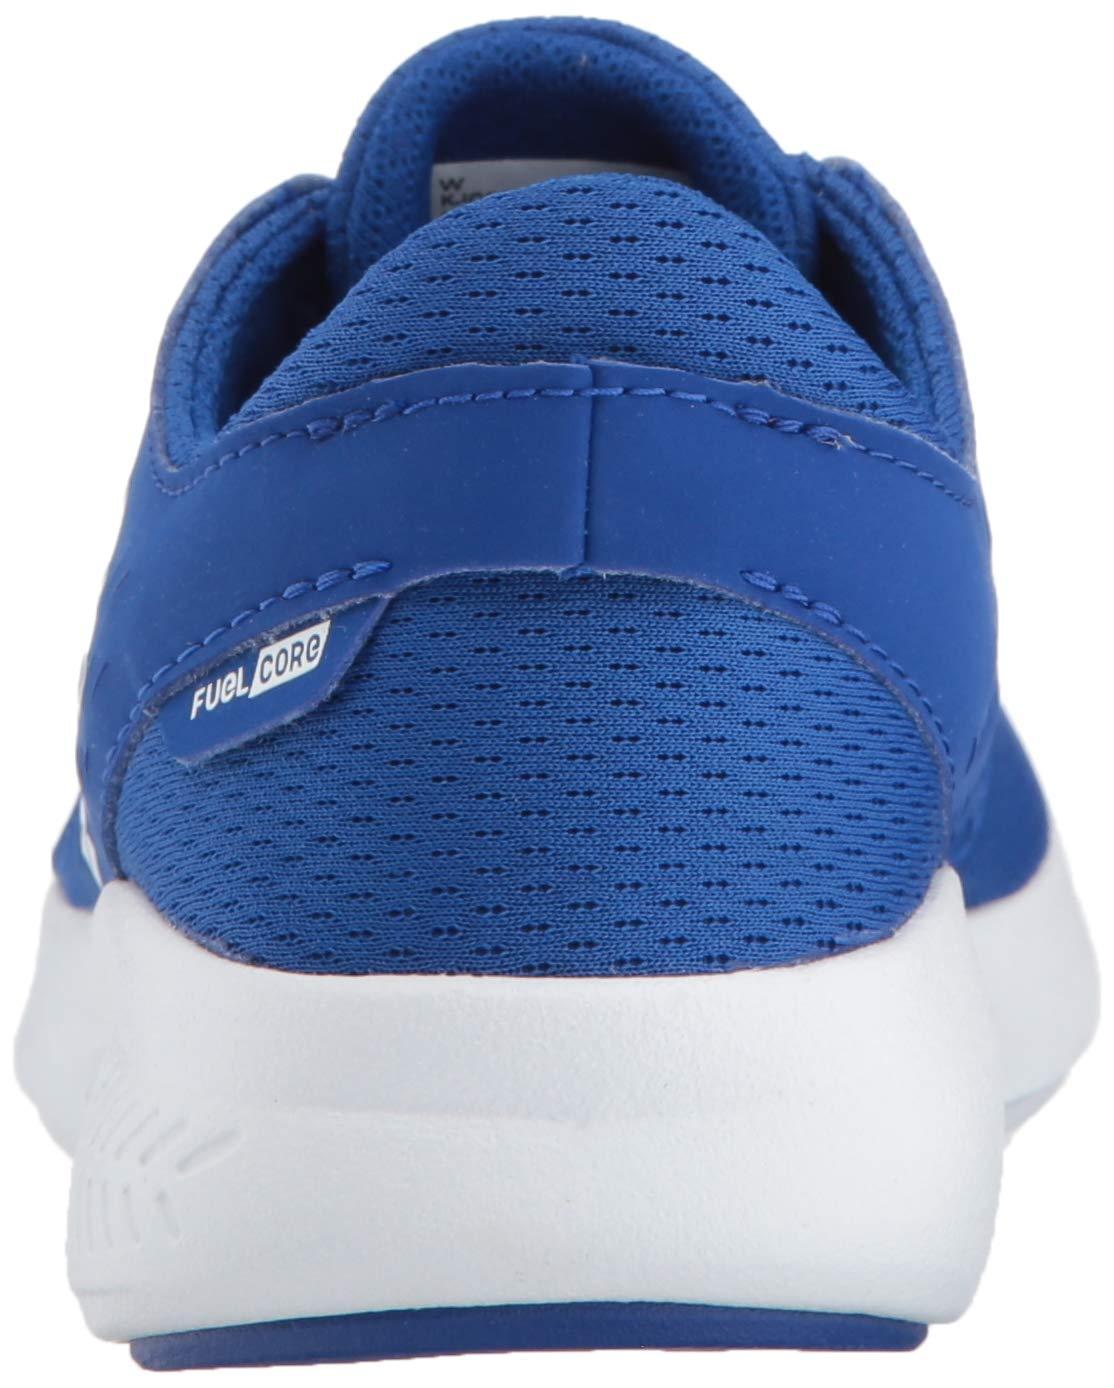 New Balance FuelCore Coast v3, Zapatillas de Running Infantil